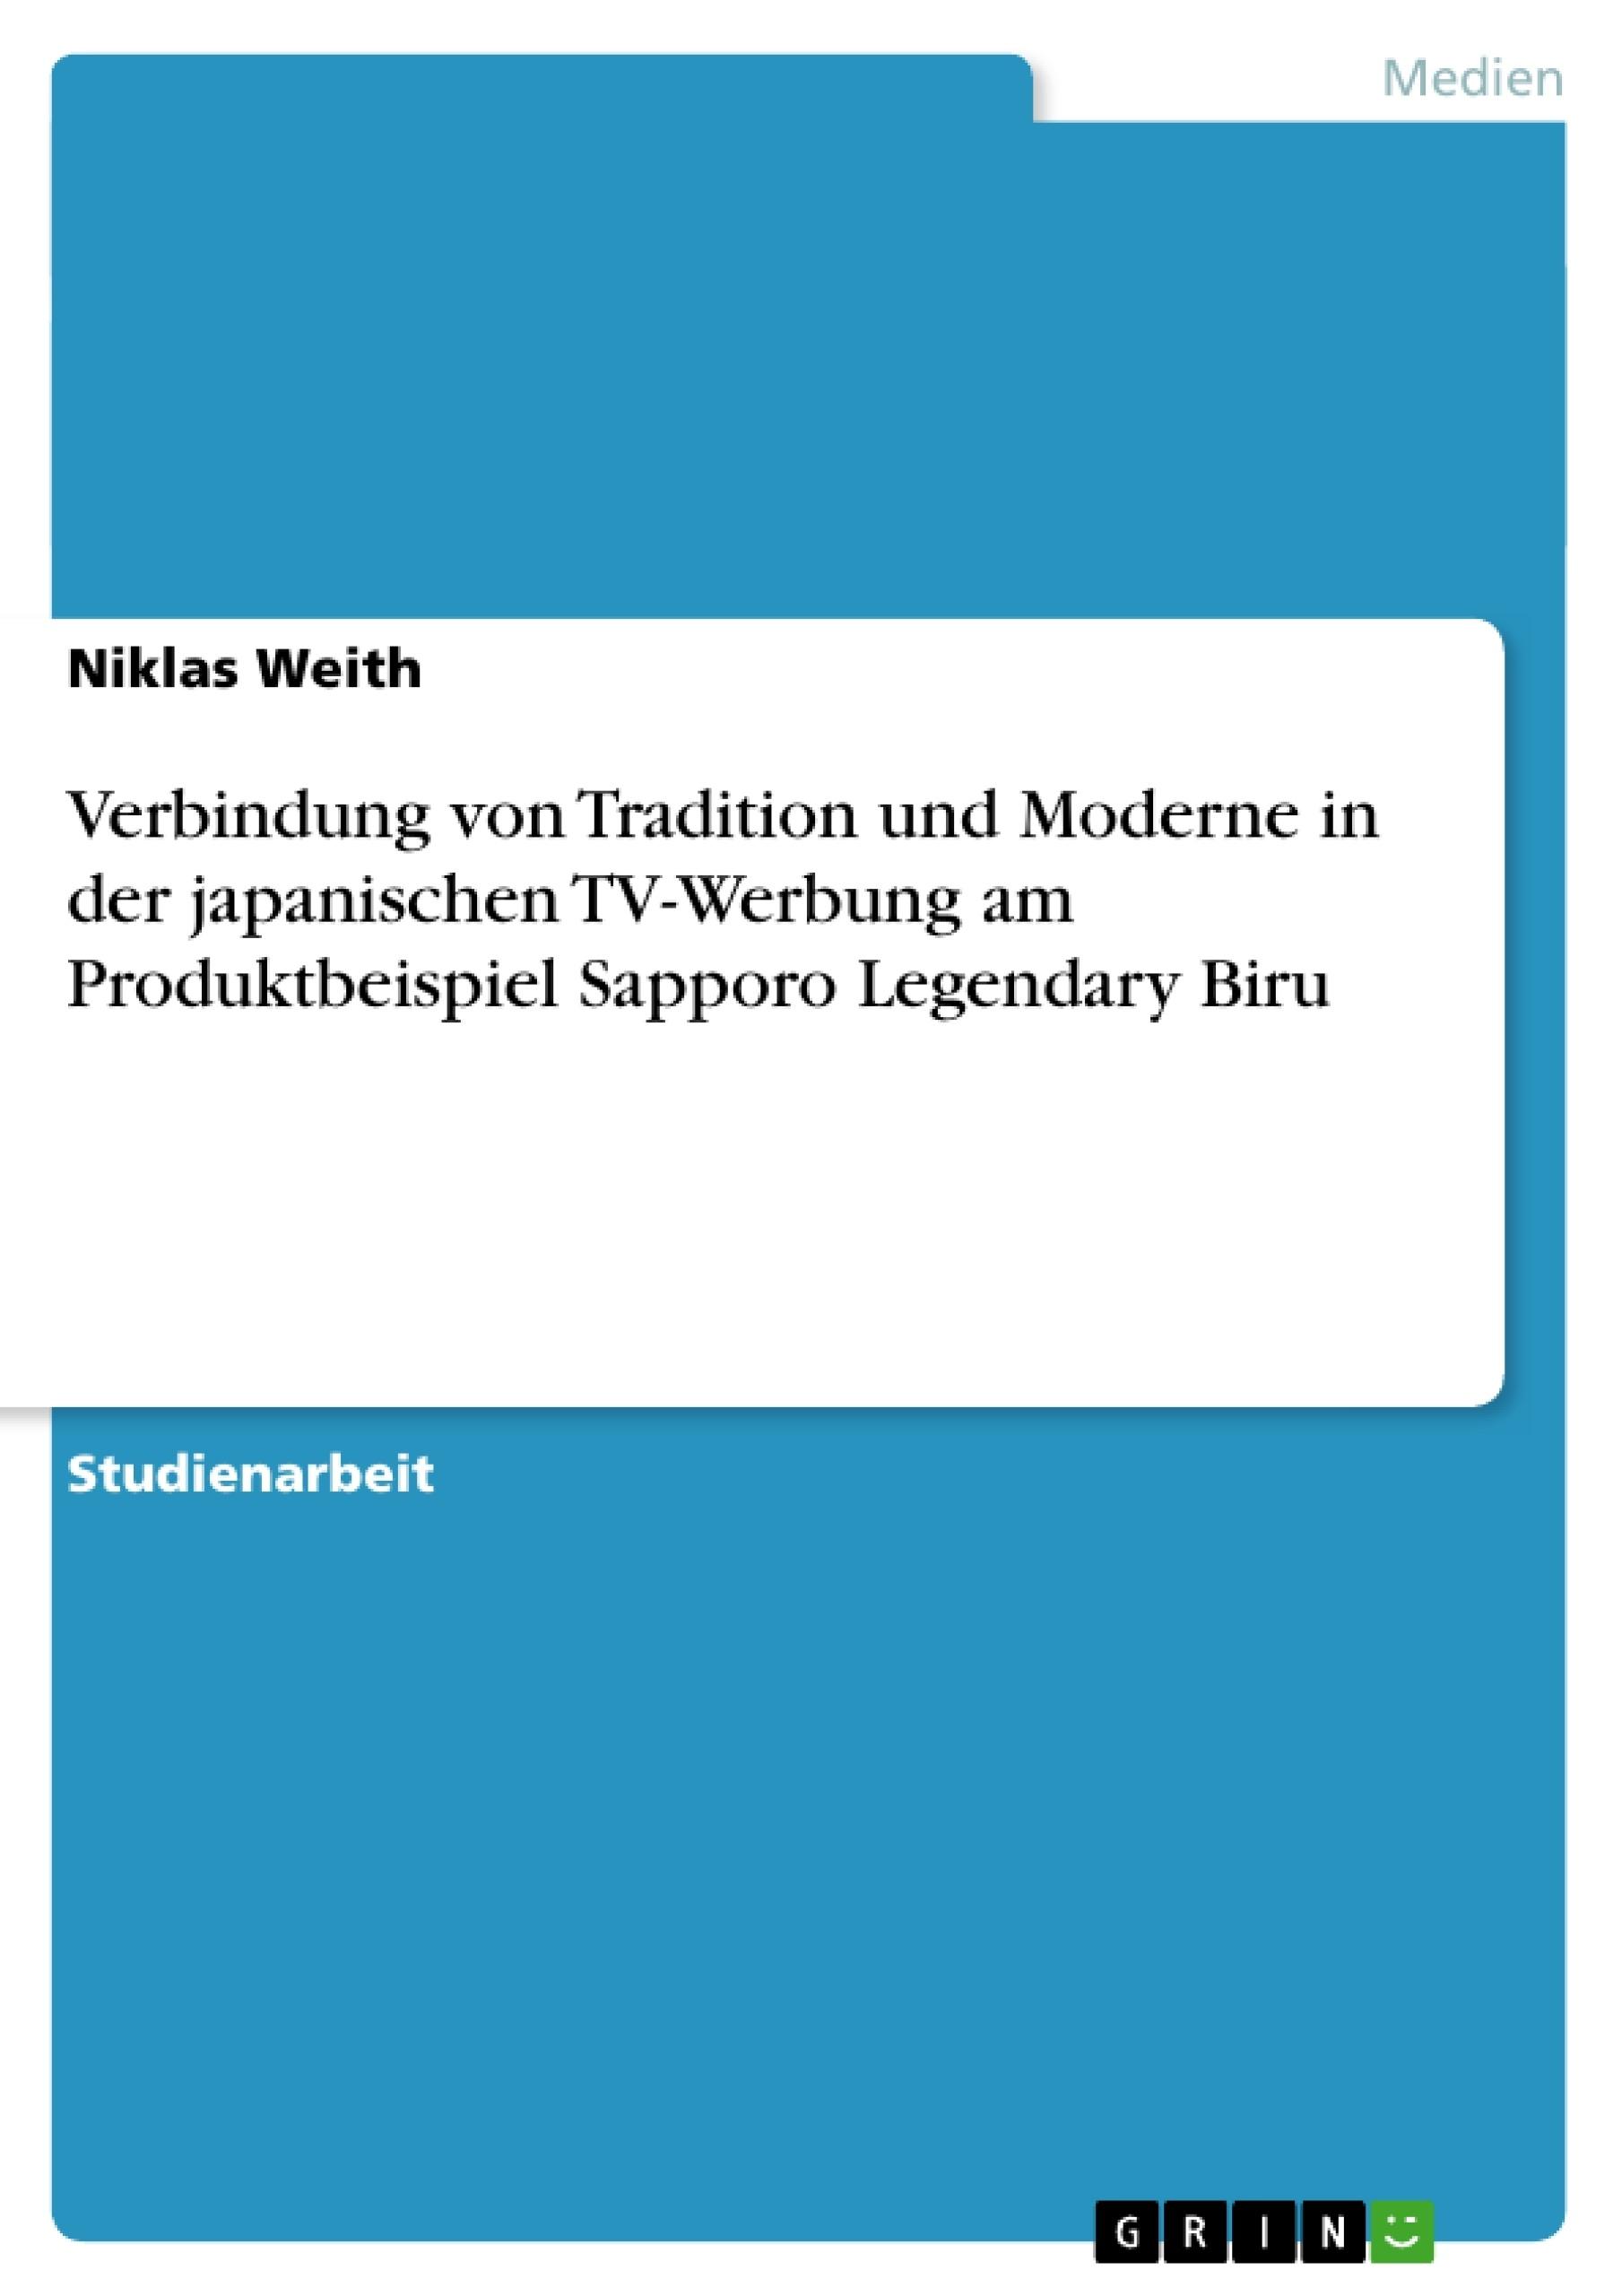 Titel: Verbindung von Tradition und Moderne in der japanischen TV-Werbung am Produktbeispiel Sapporo Legendary Biru